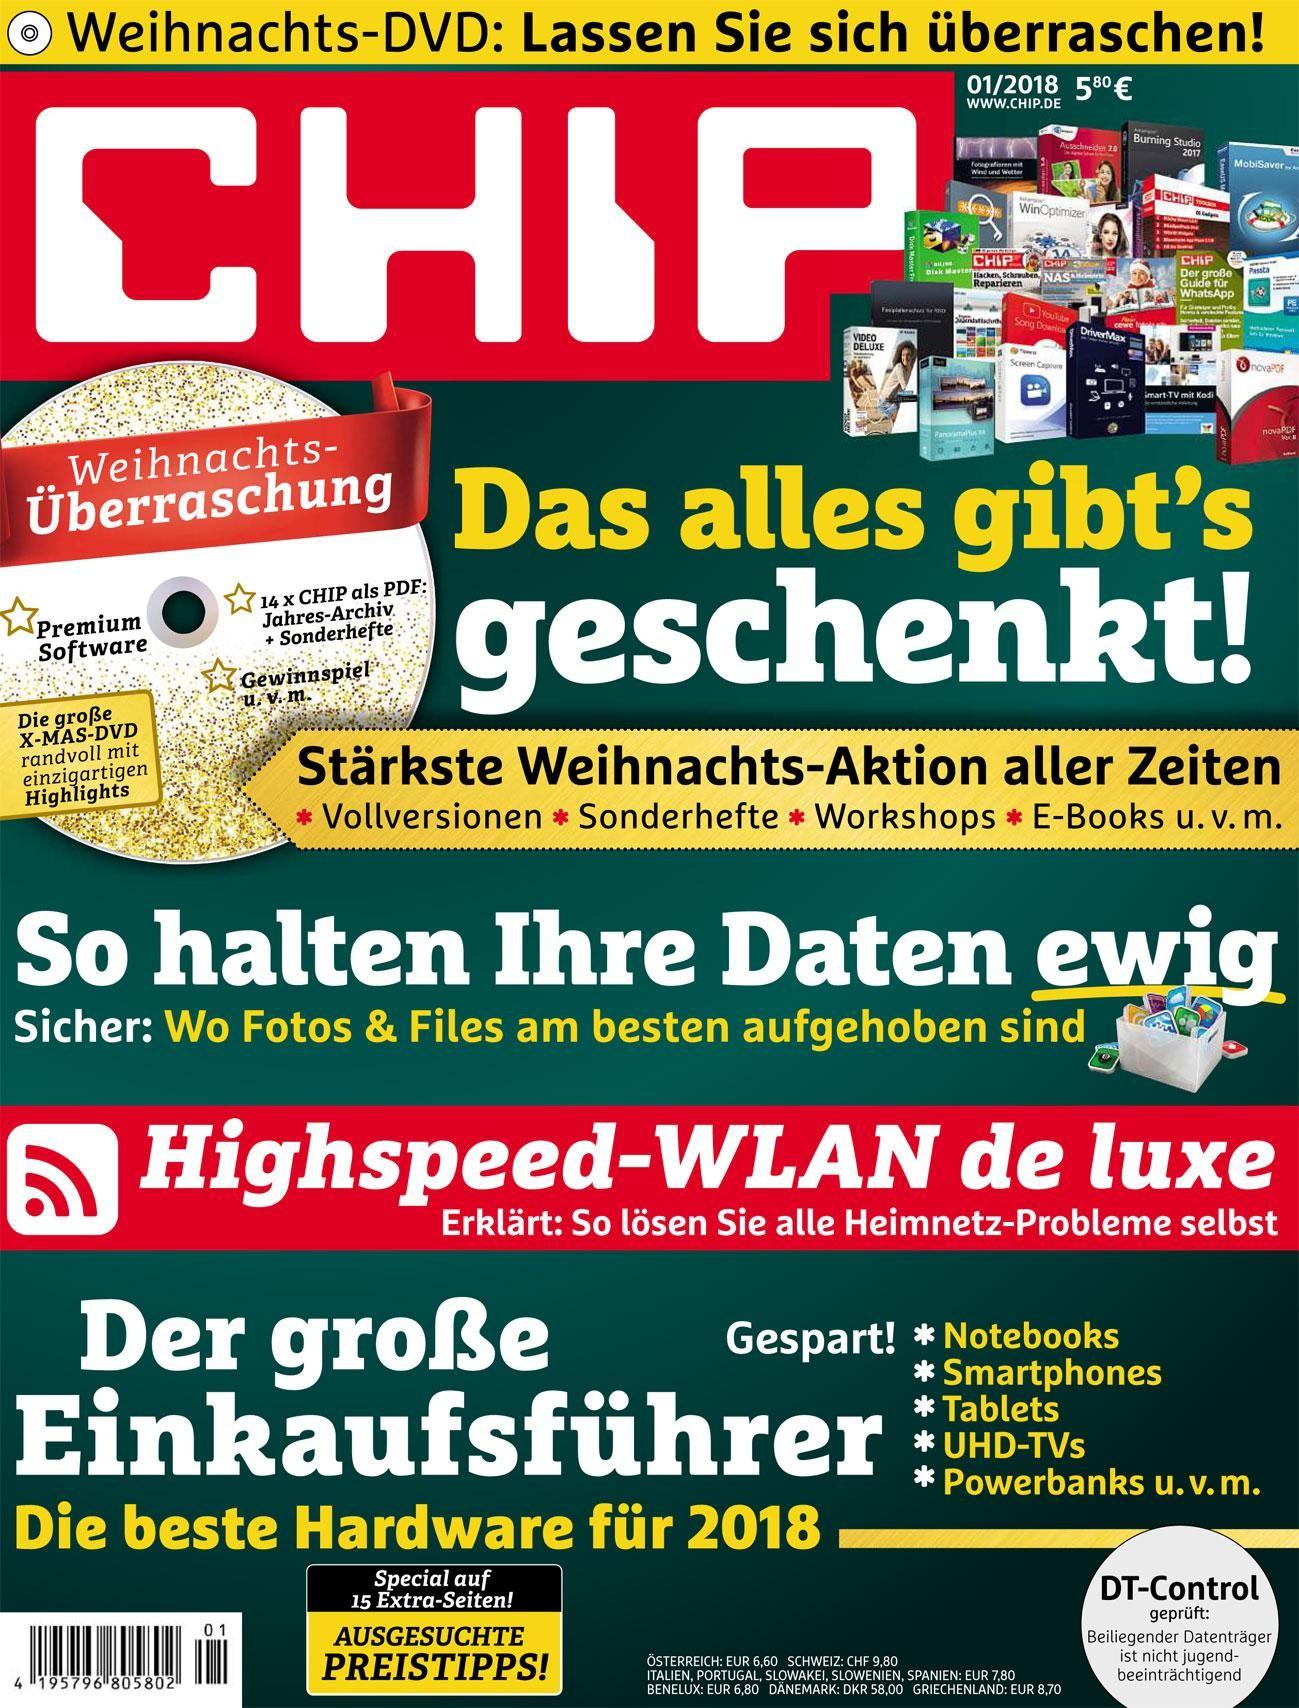 3 Ausgaben Chip mit DVD für 11,90€ plus 10€ amazon Gutschein